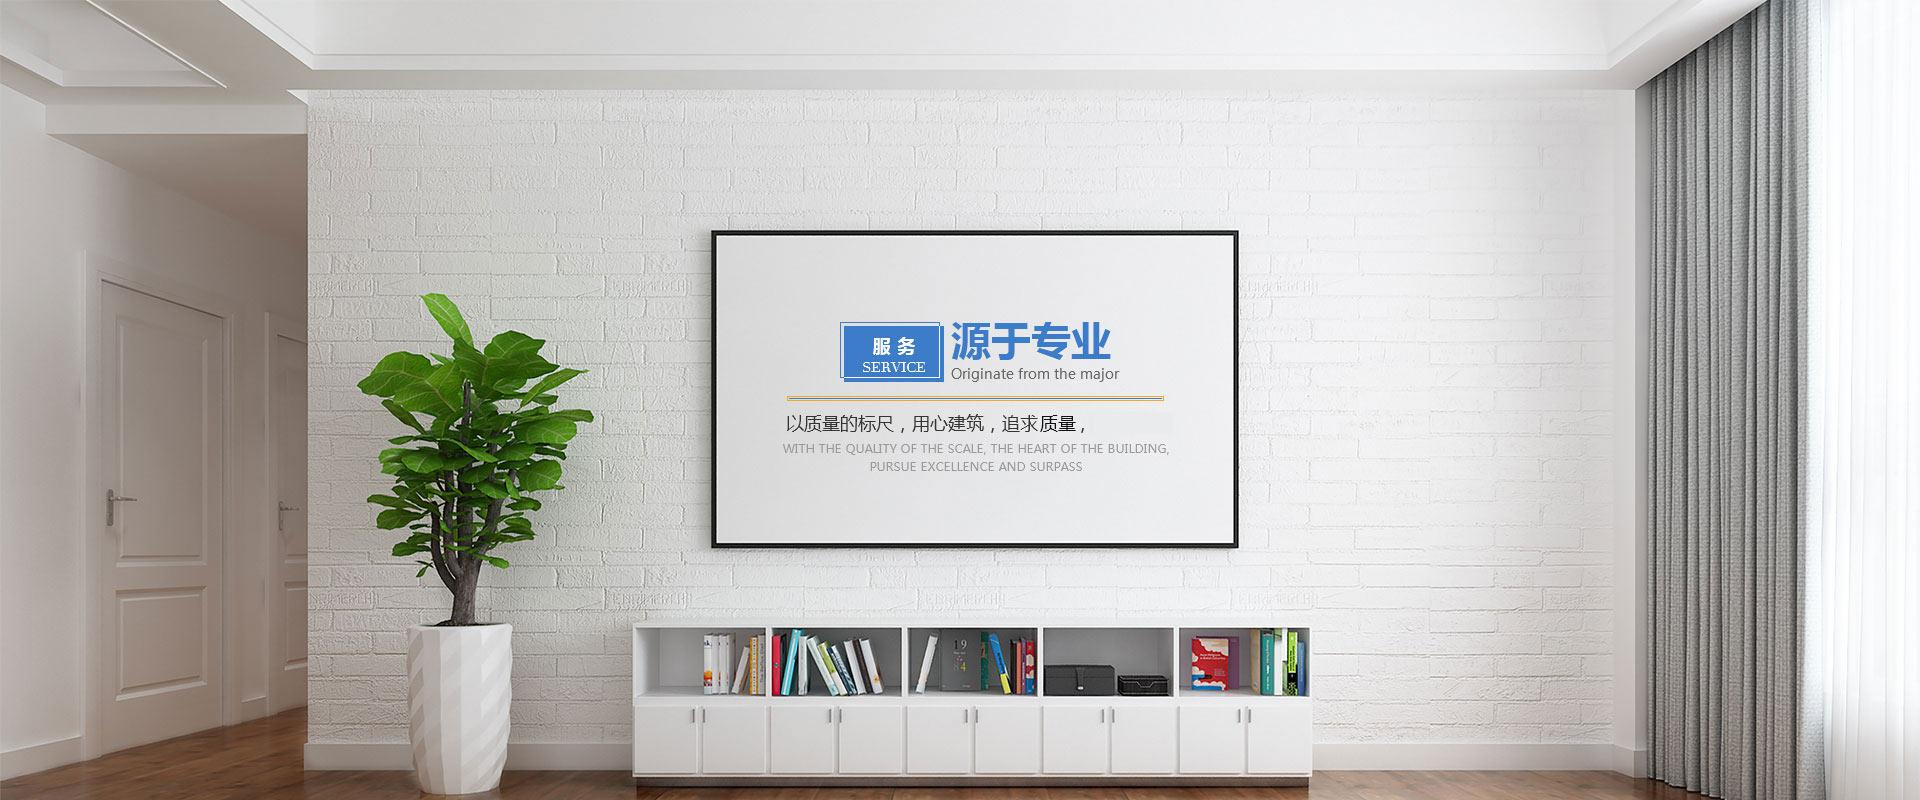 重庆房屋漏水维修